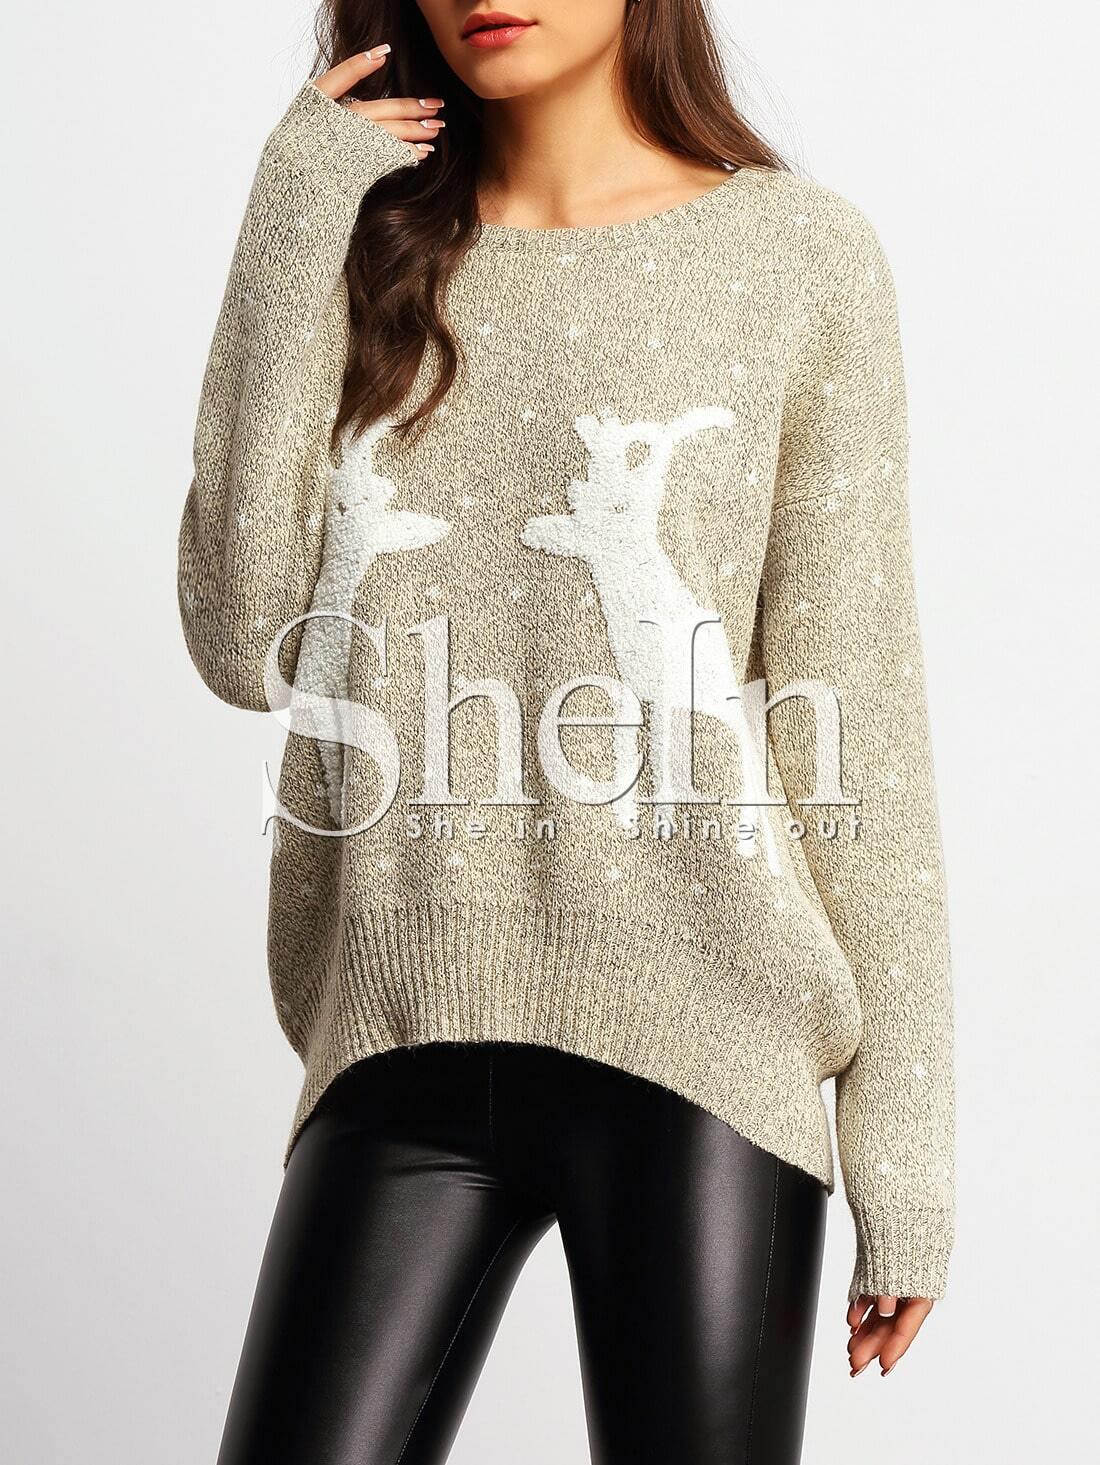 Купить свитер модный женский доставка